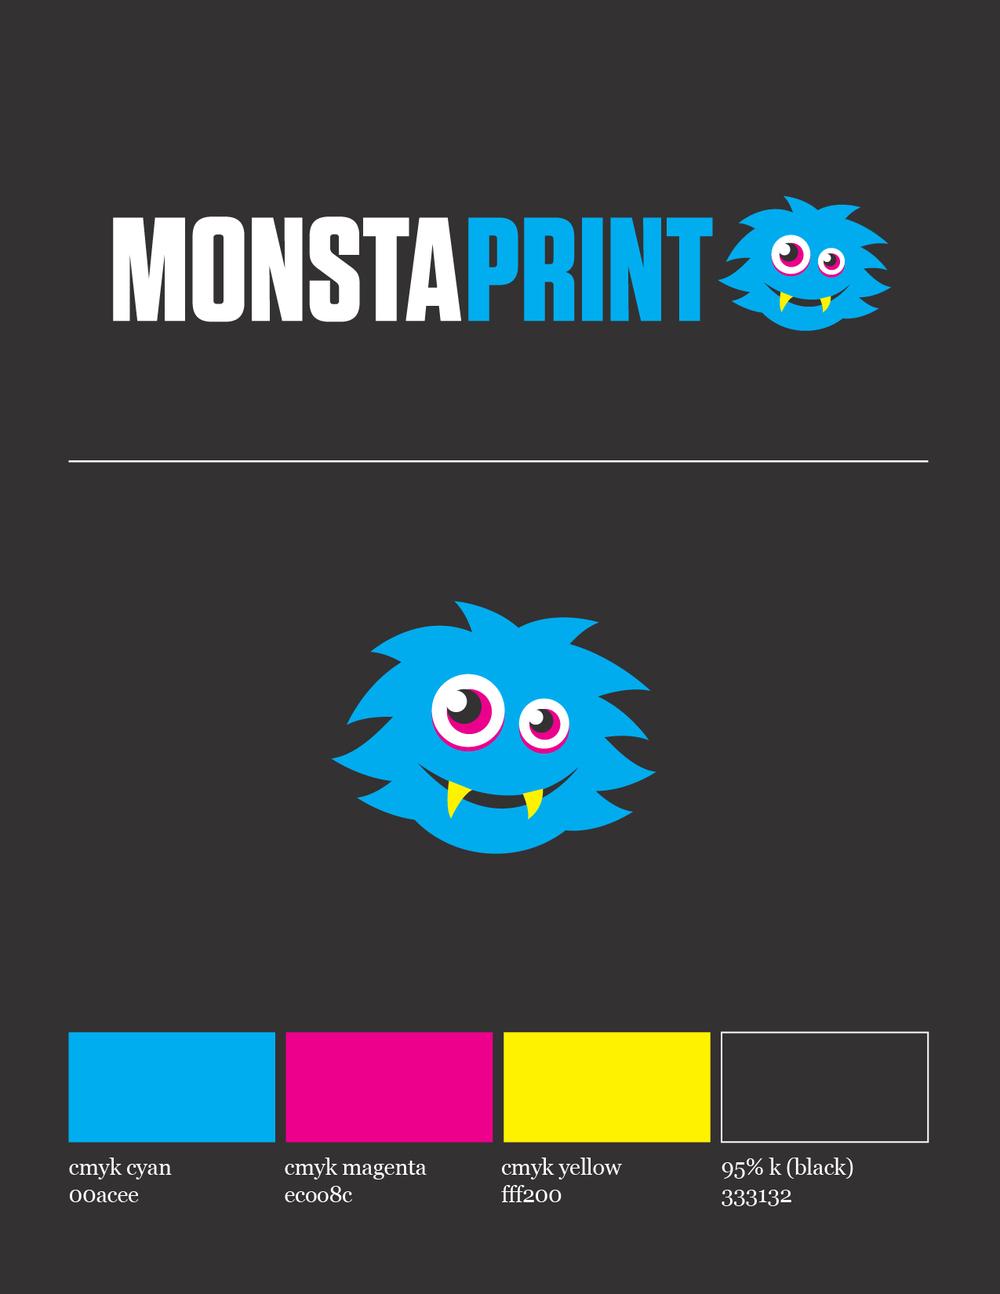 MP_logo_darkBG.jpg